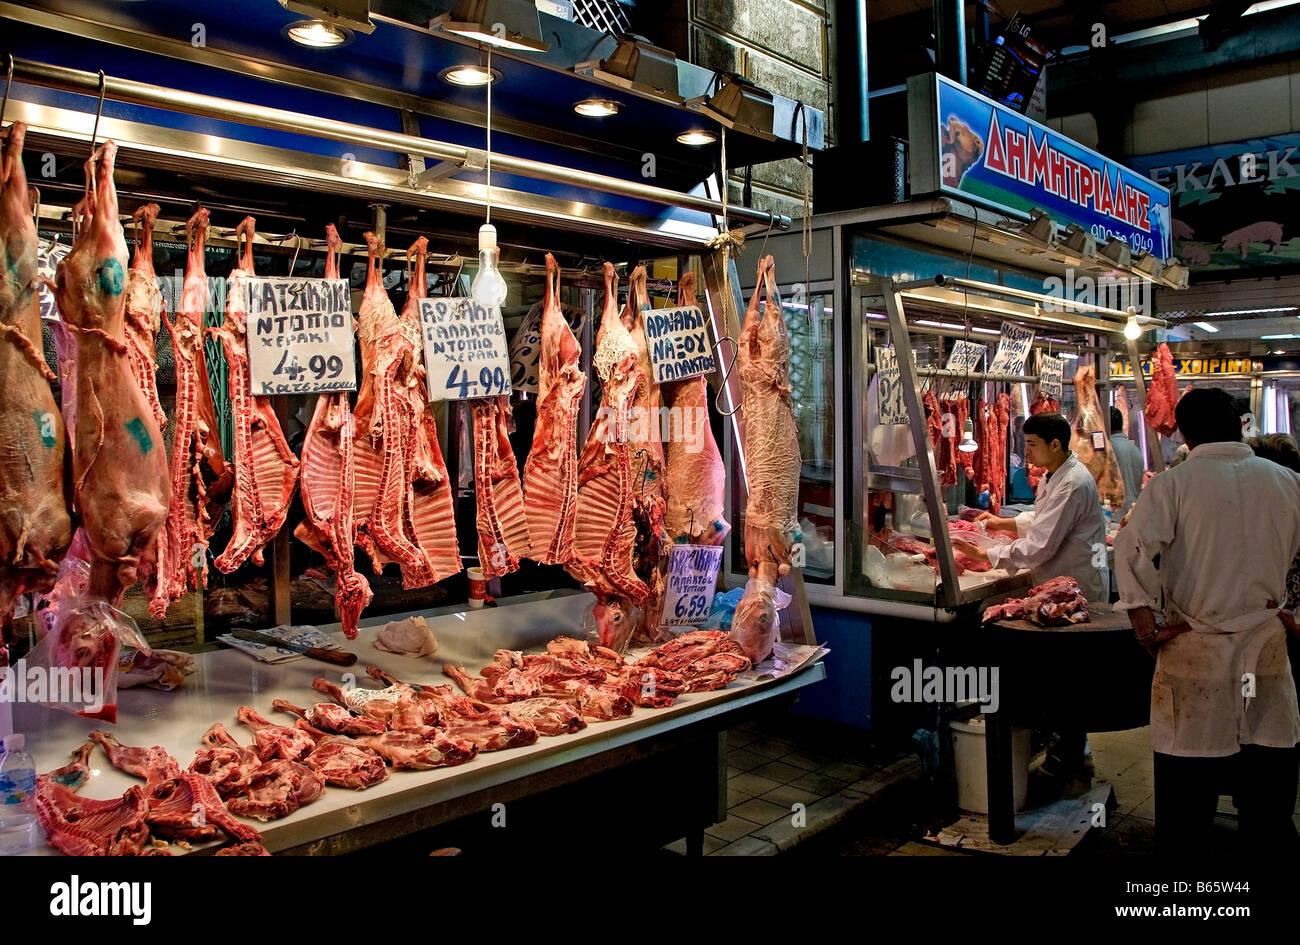 butcher central food meat market stock photos butcher. Black Bedroom Furniture Sets. Home Design Ideas